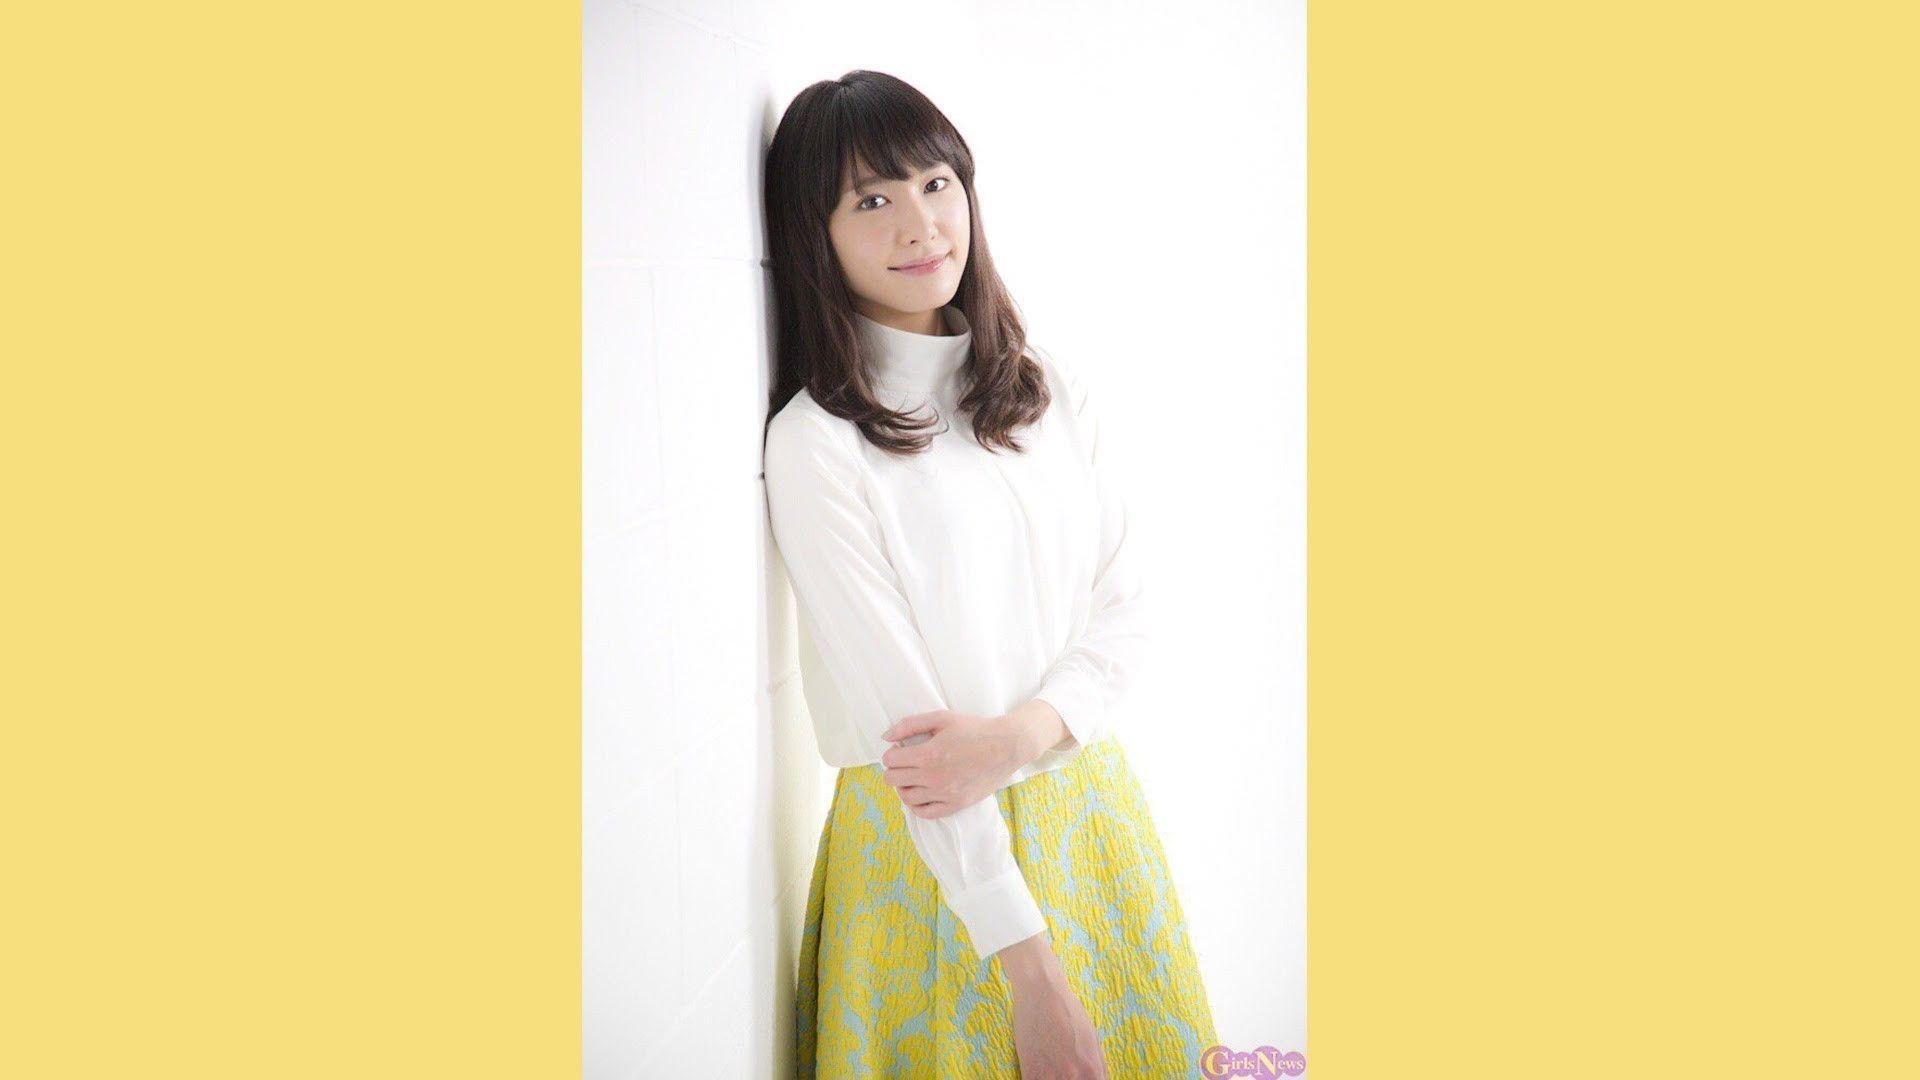 新垣結衣 おしゃれまとめの人気アイデア Pinterest Yuuki 21 新垣 結衣 Pc 壁紙 壁紙